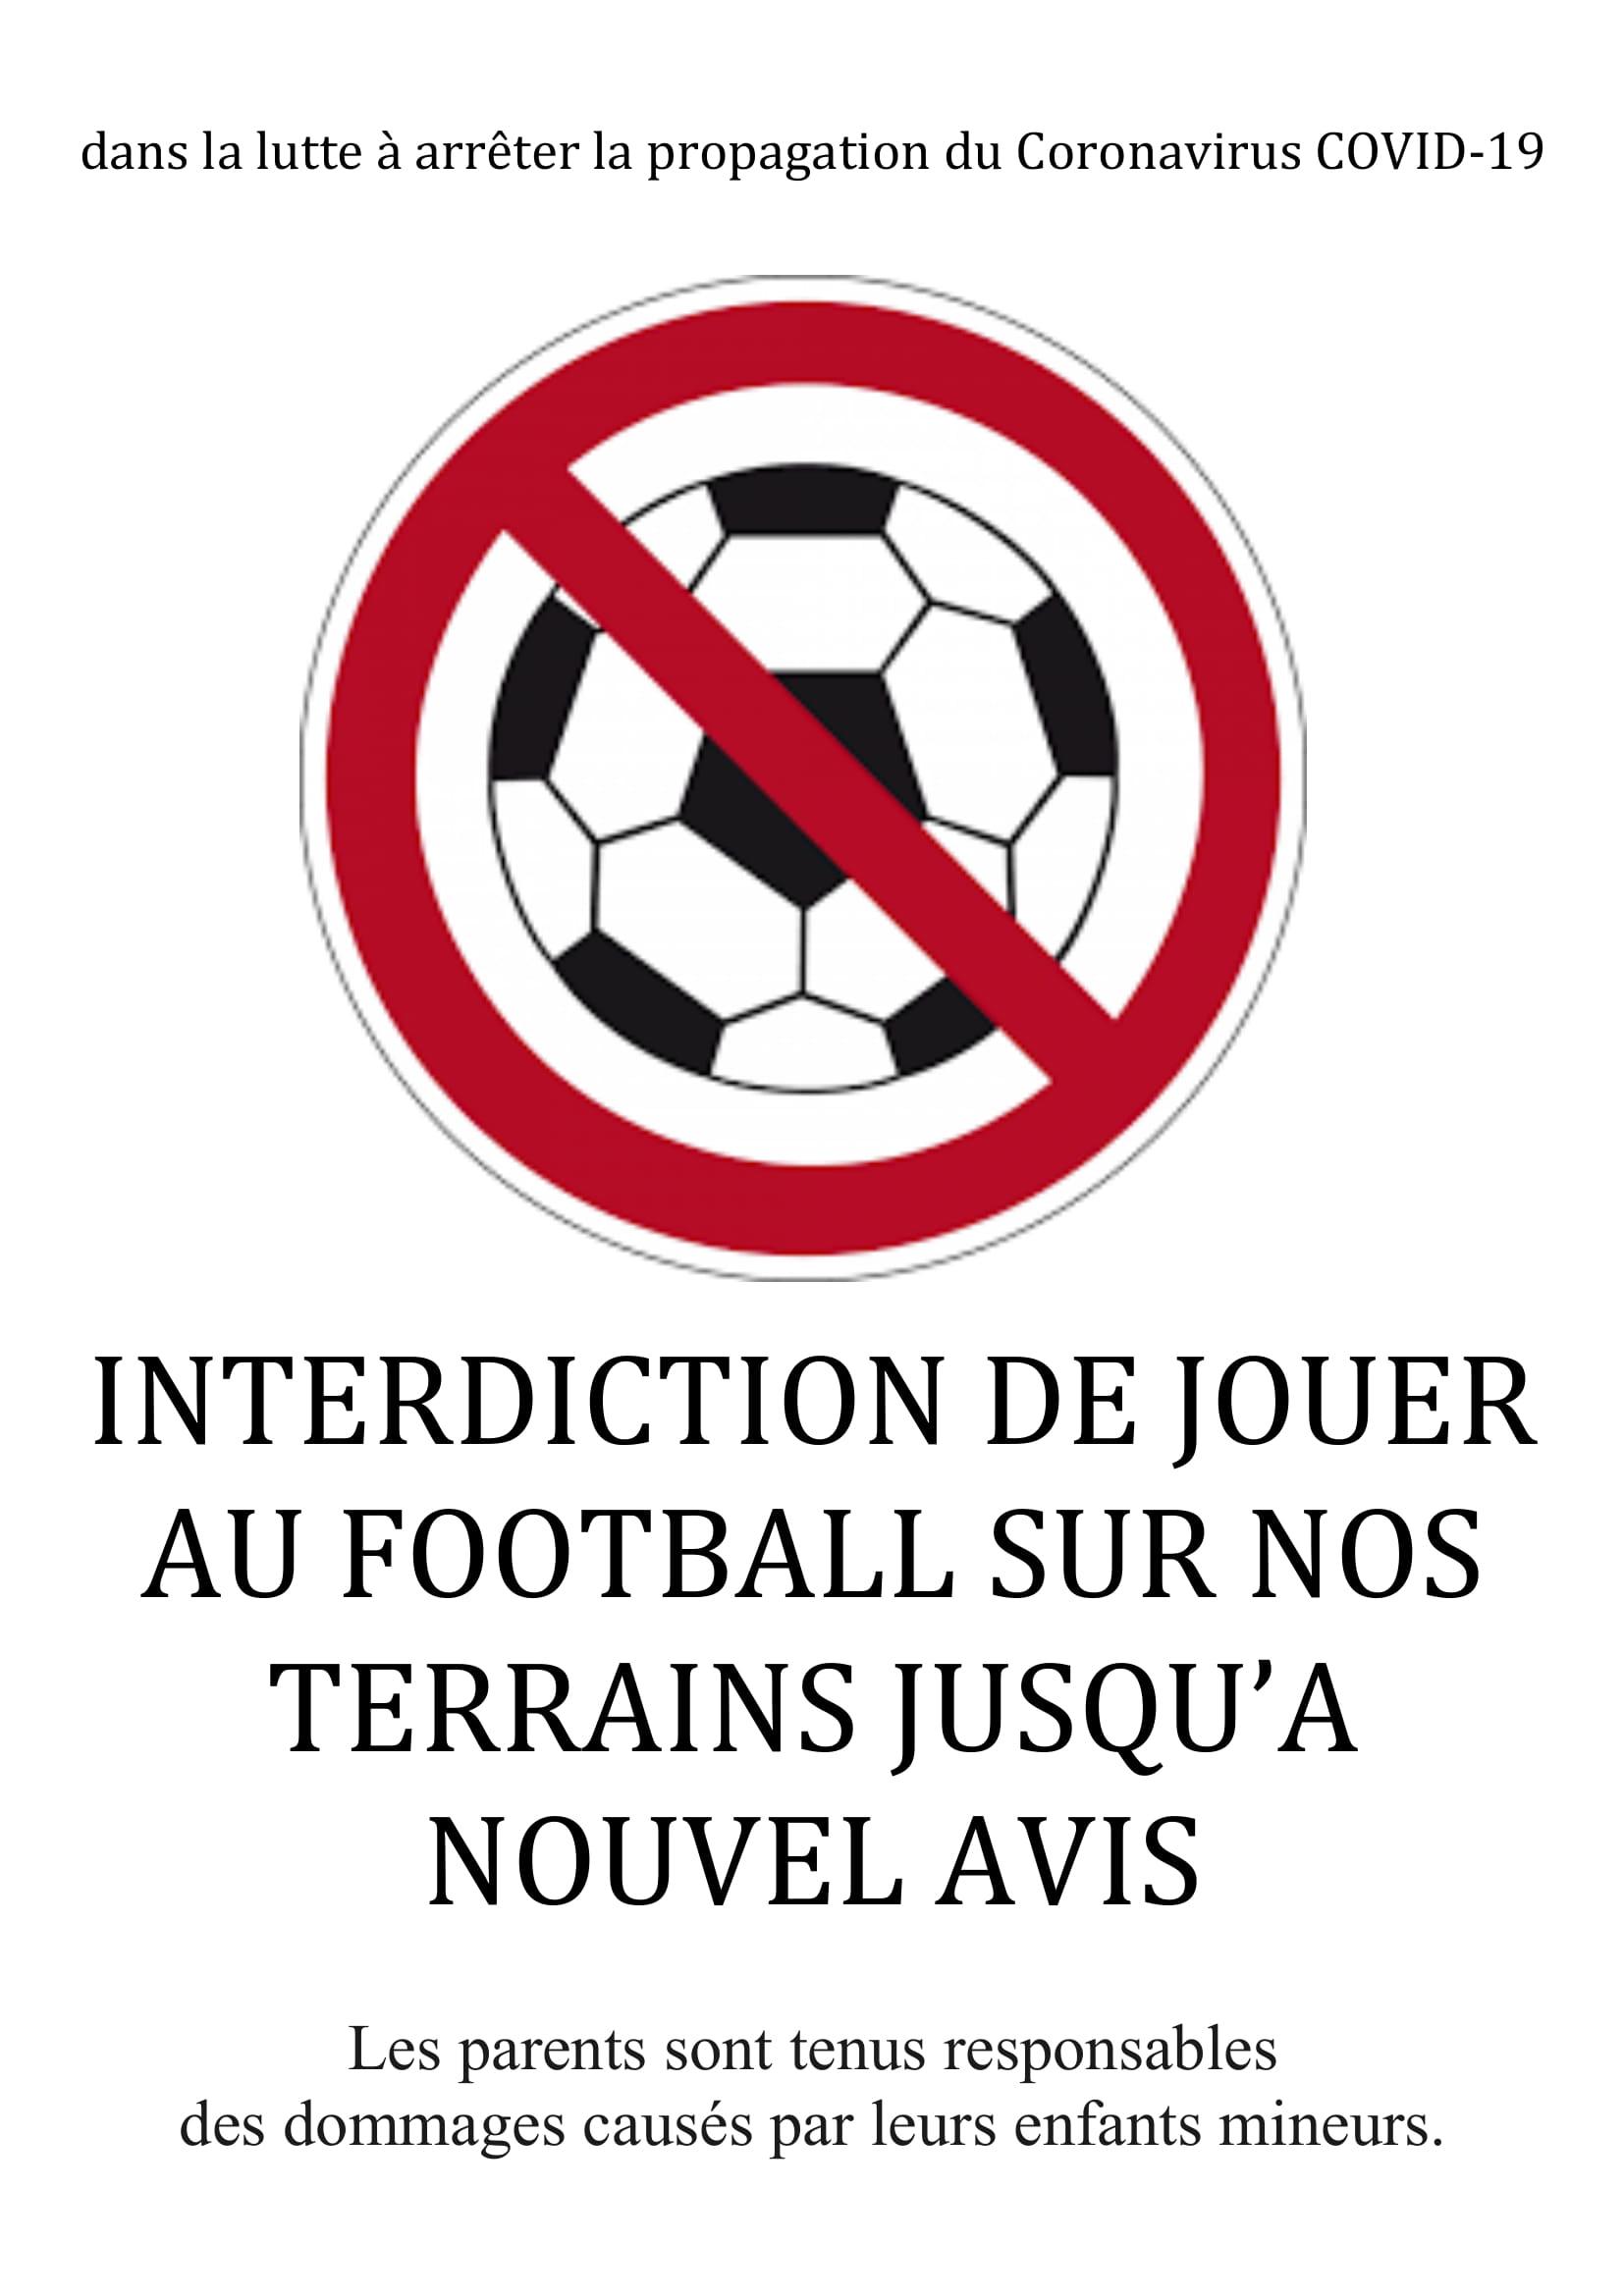 interdiction de jouer aux installations du FCS